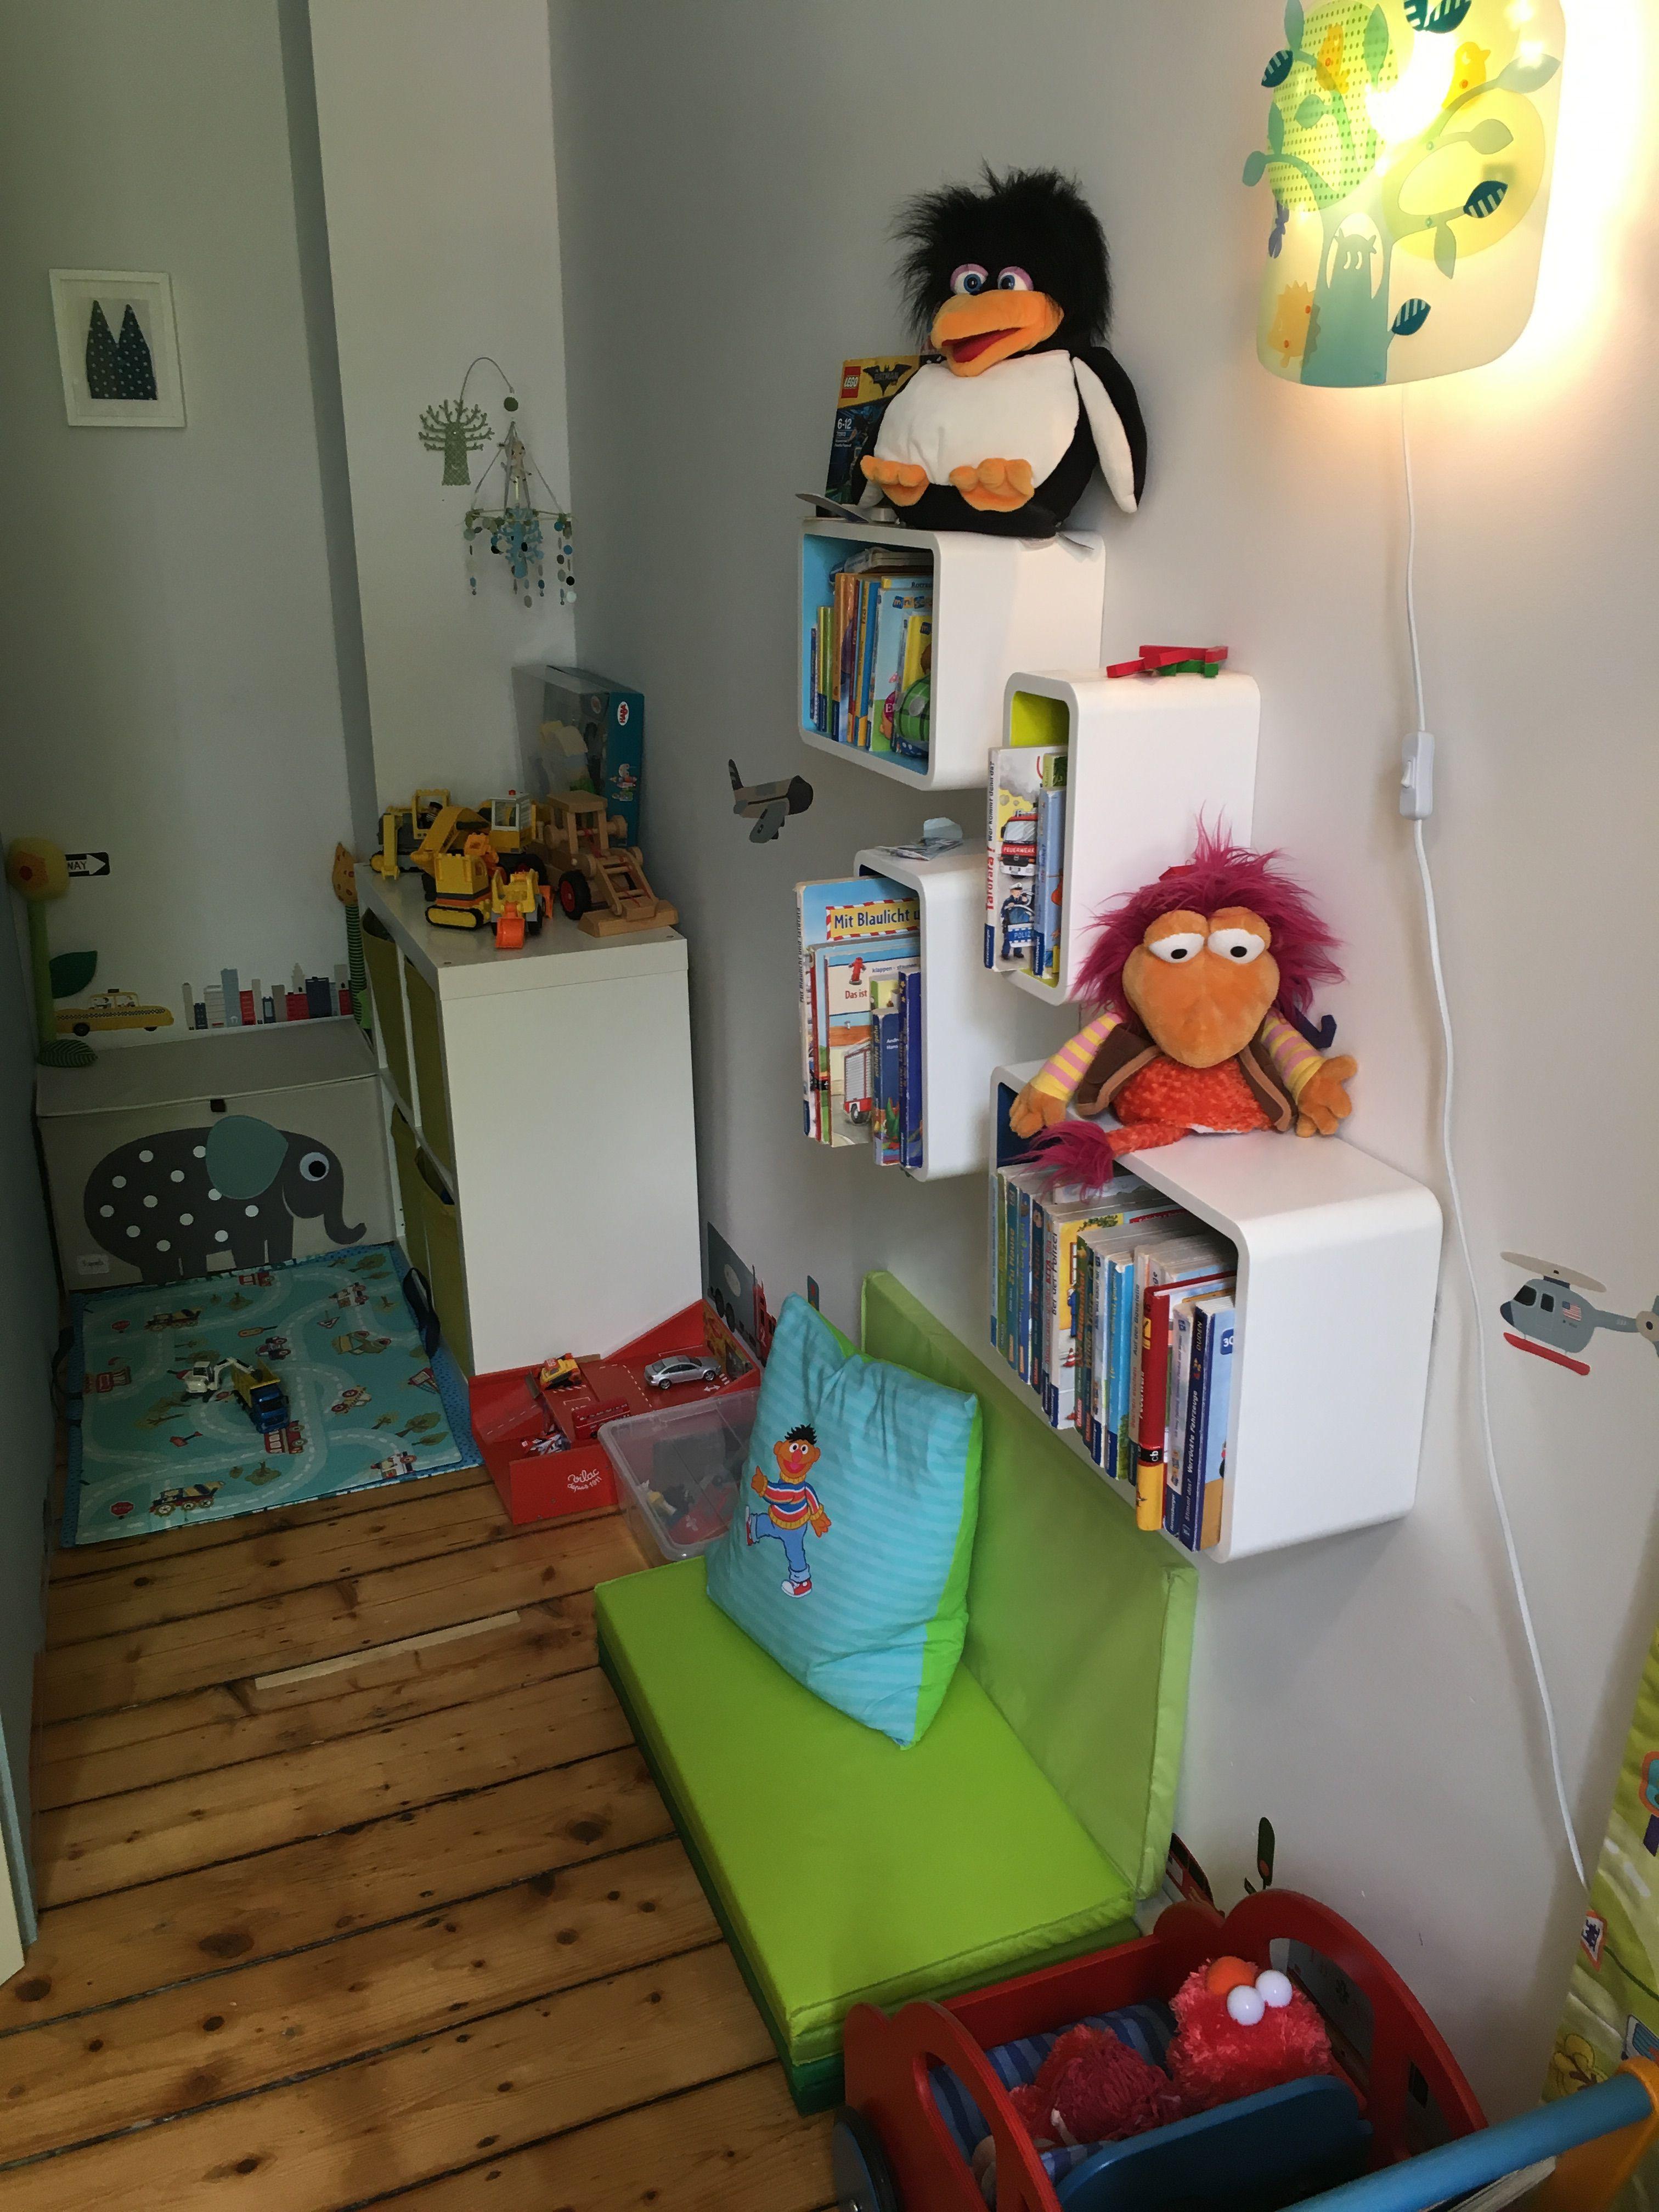 7m2 kinderzimmer kinderkamer children 39 s room mit jako o regaleb und ikea polster als sofa. Black Bedroom Furniture Sets. Home Design Ideas